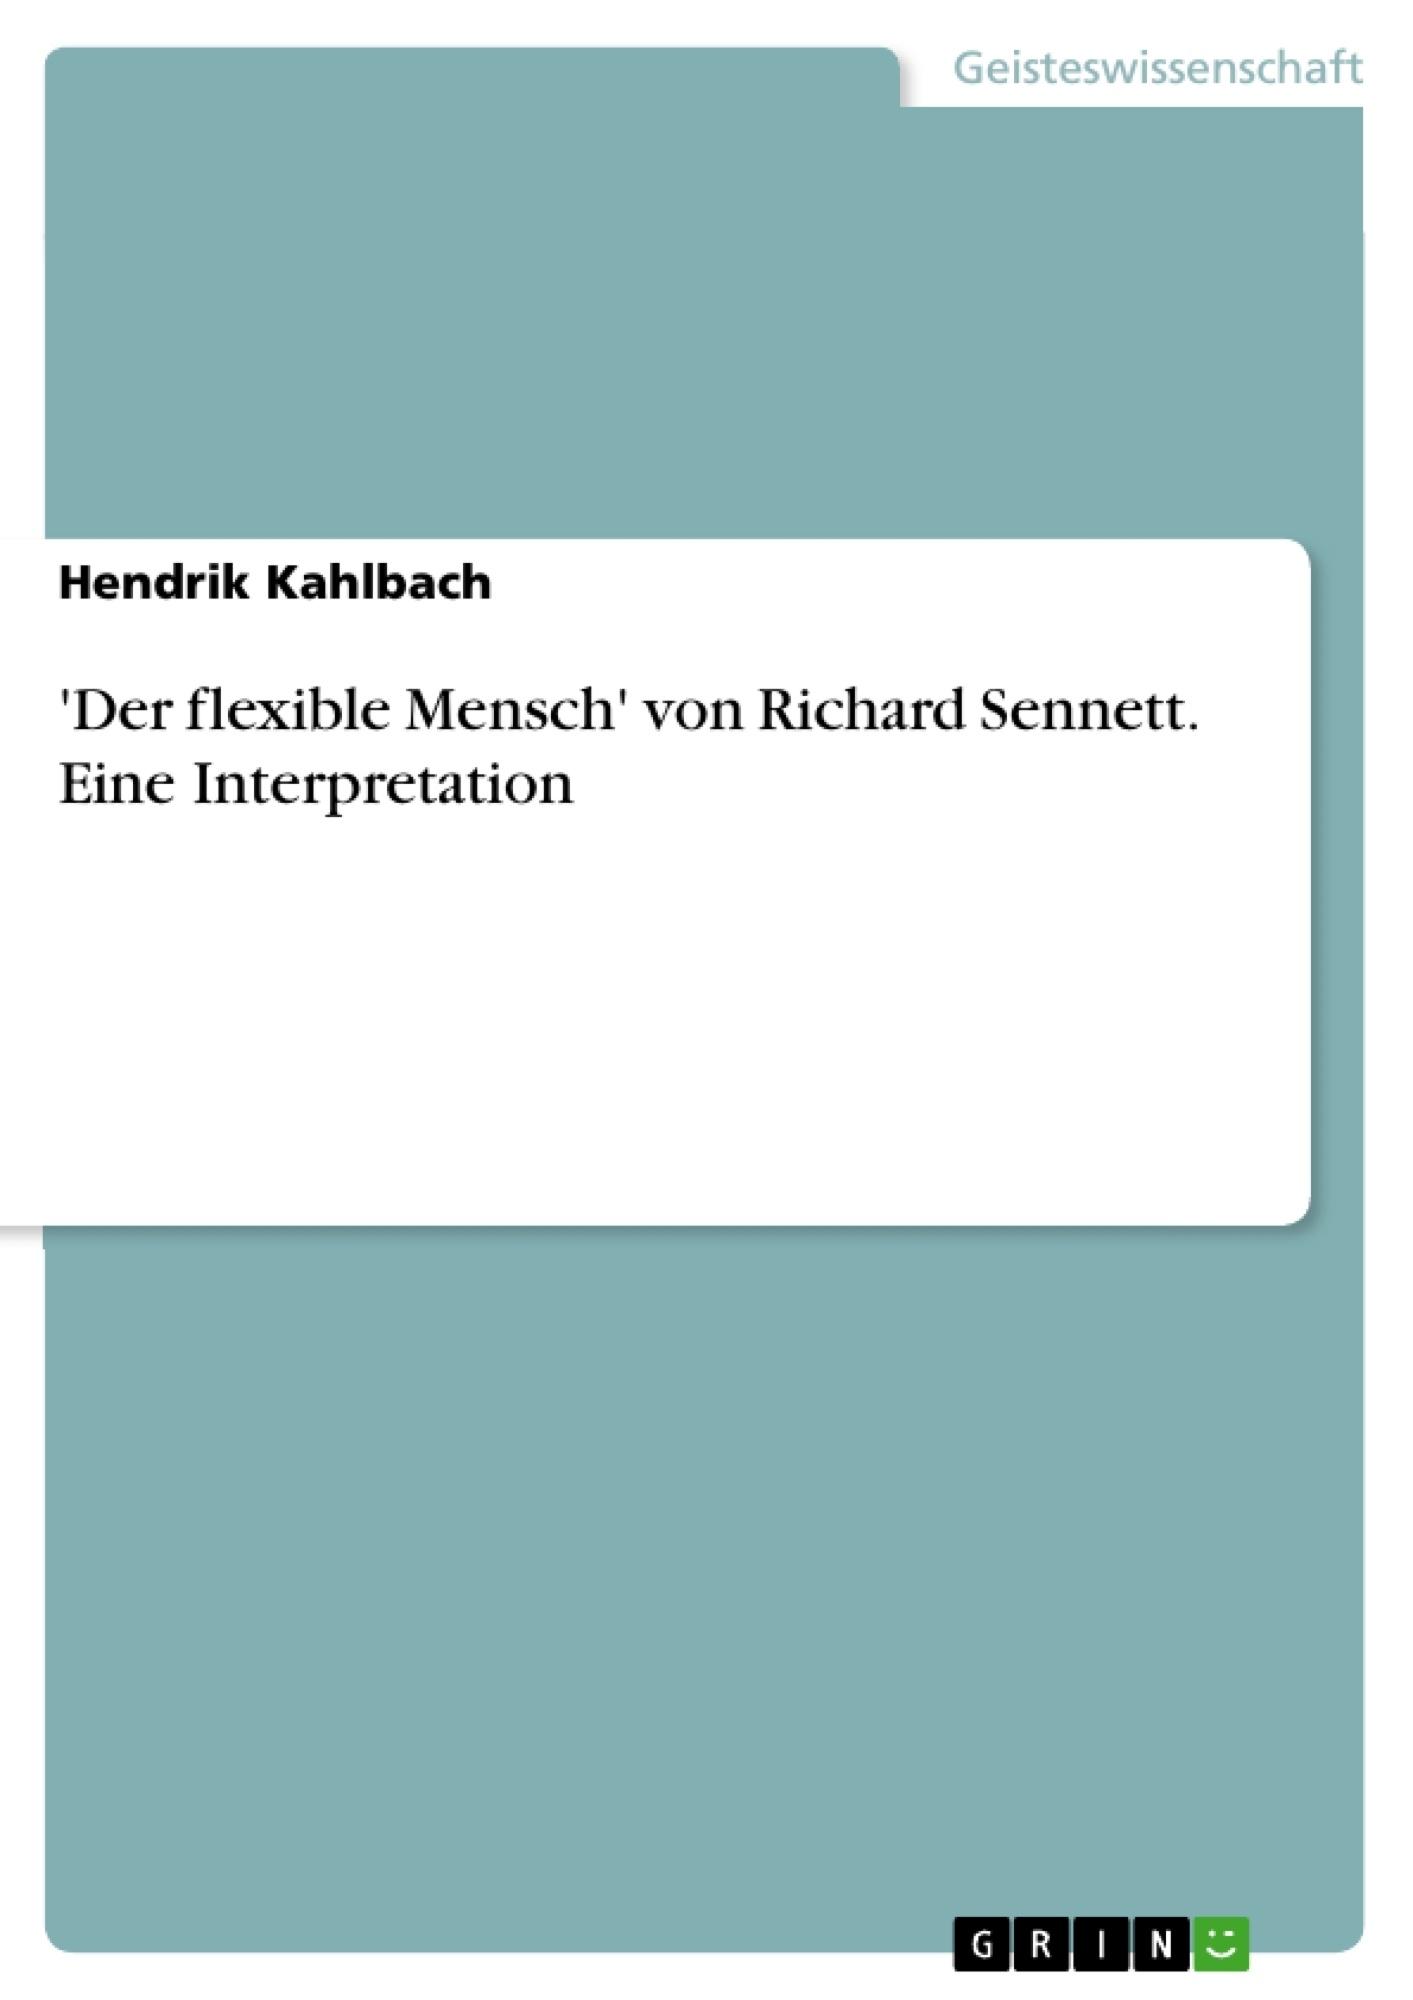 Titel: 'Der flexible Mensch' von Richard Sennett. Eine Interpretation